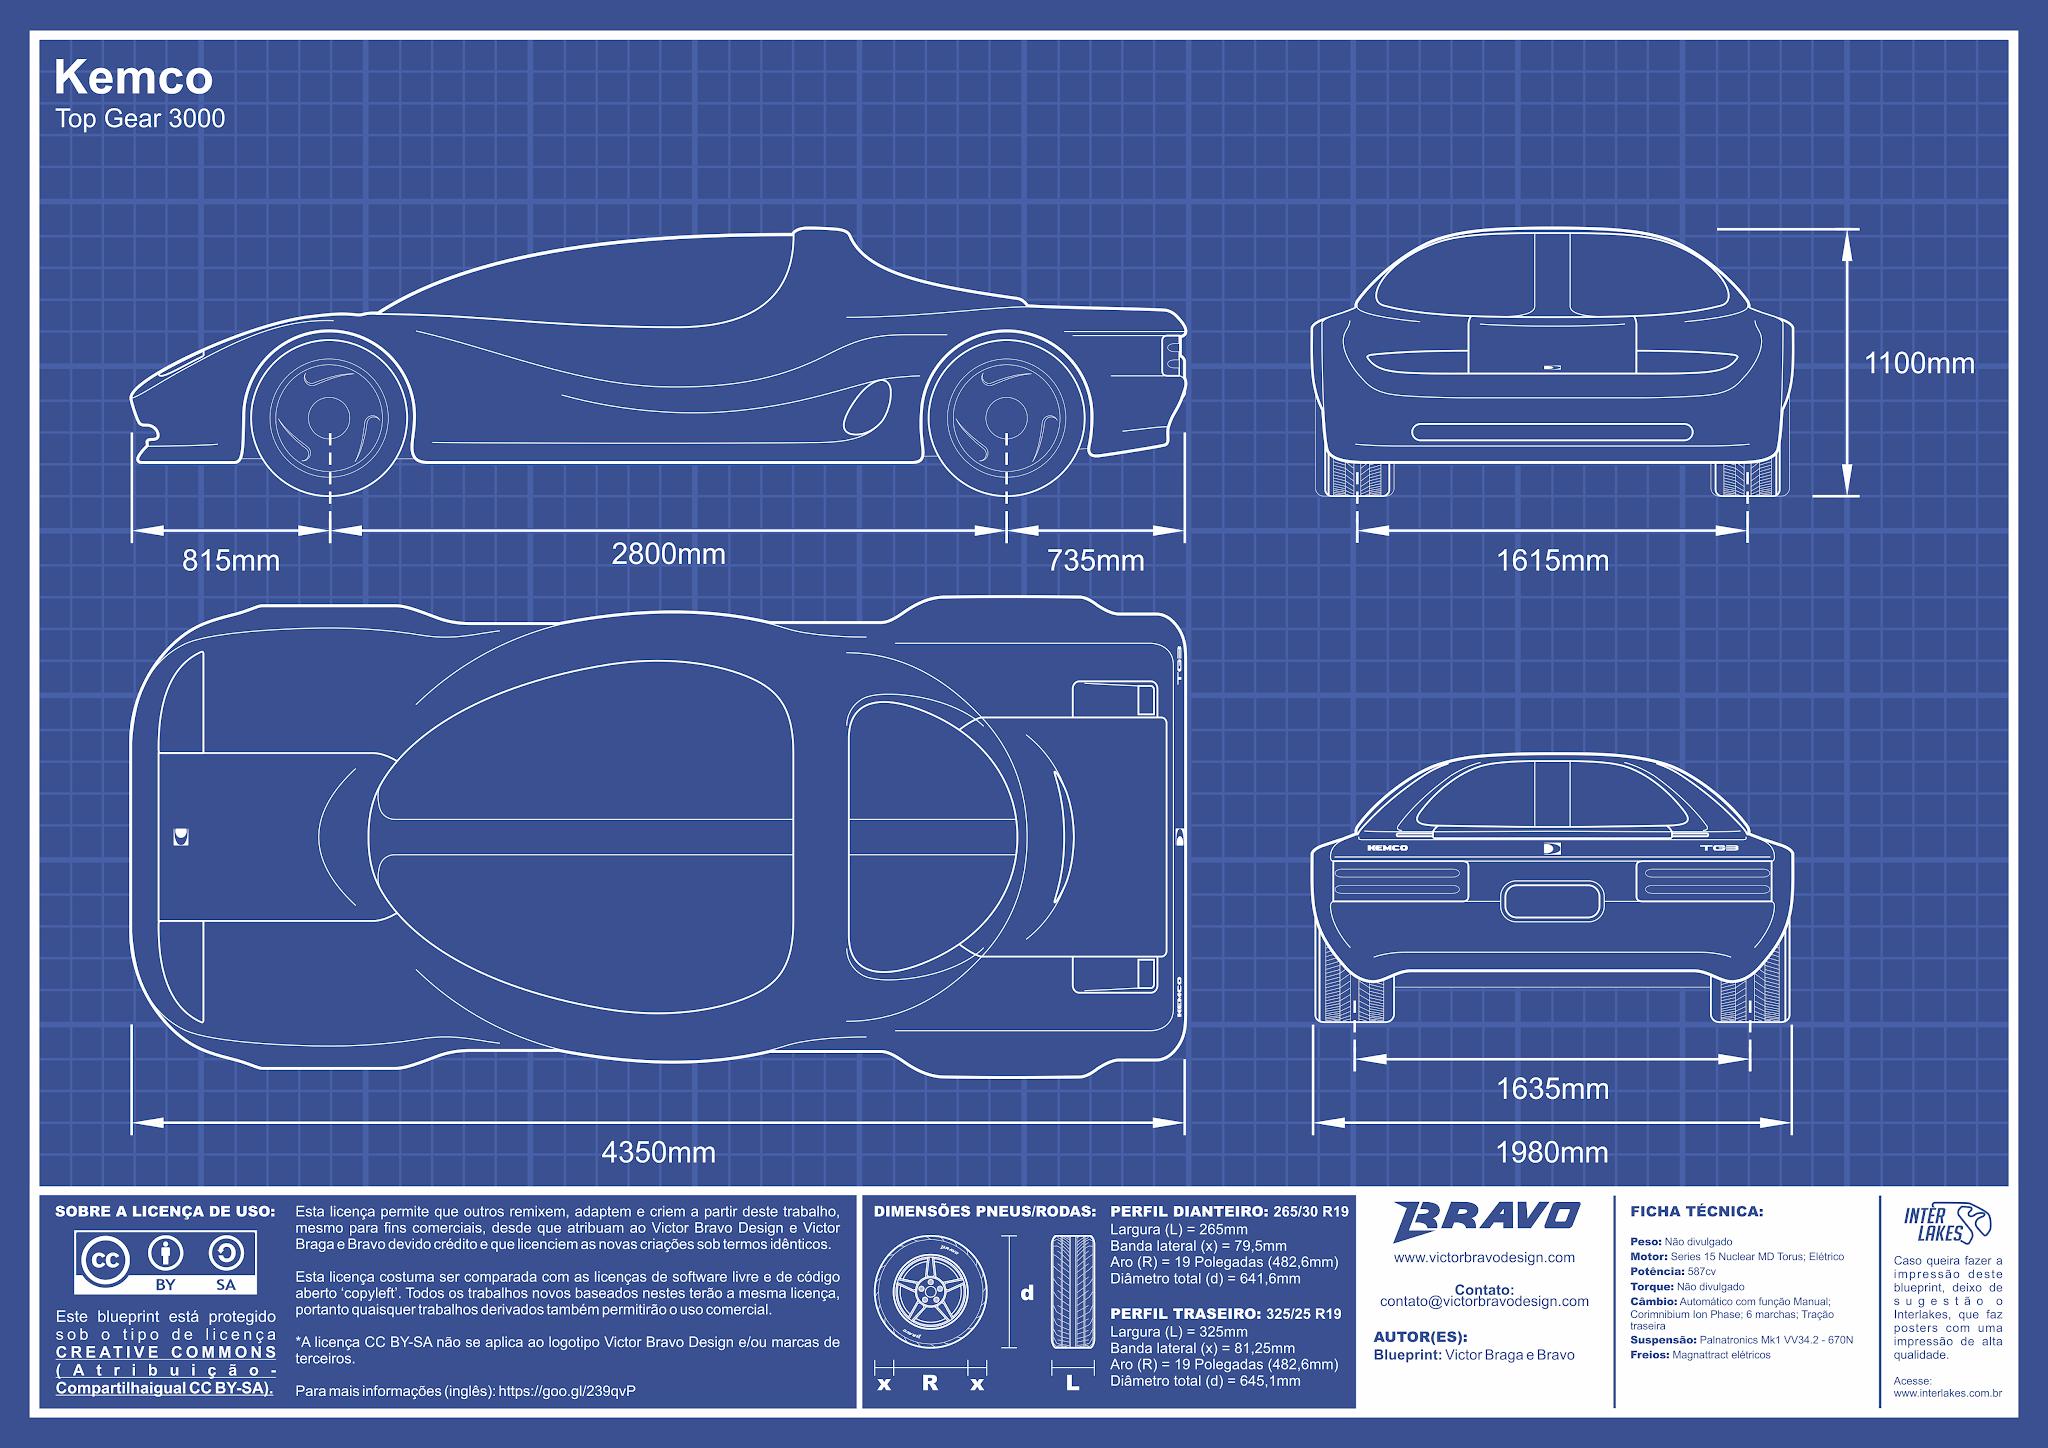 Imagem mostrando o desenho do blueprint do Kemco Top Gear 3000